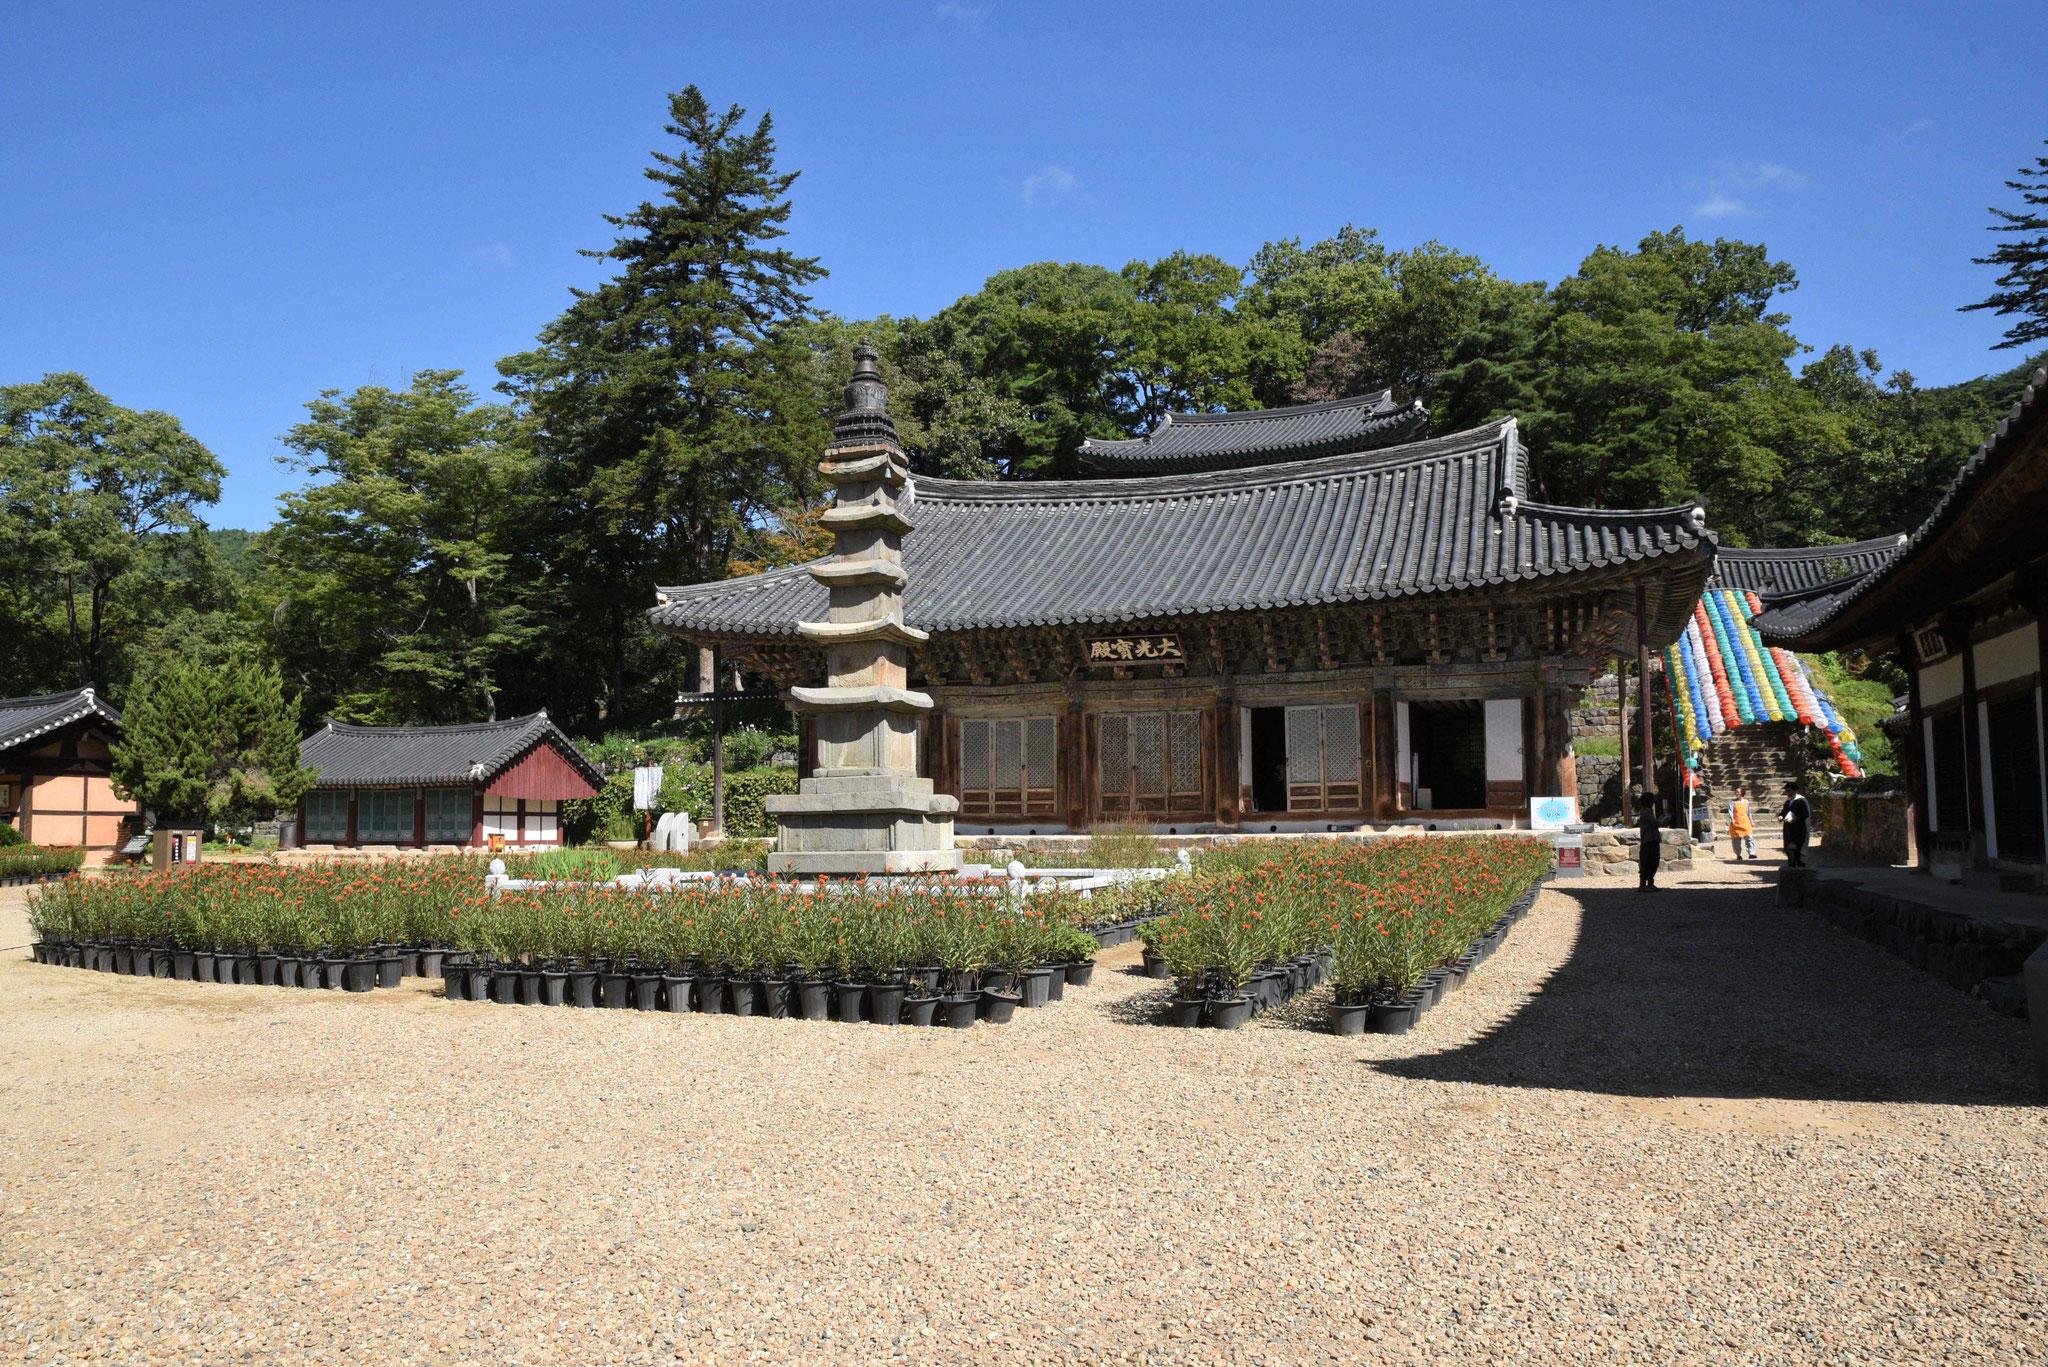 Grünanlage vor einem Tempel